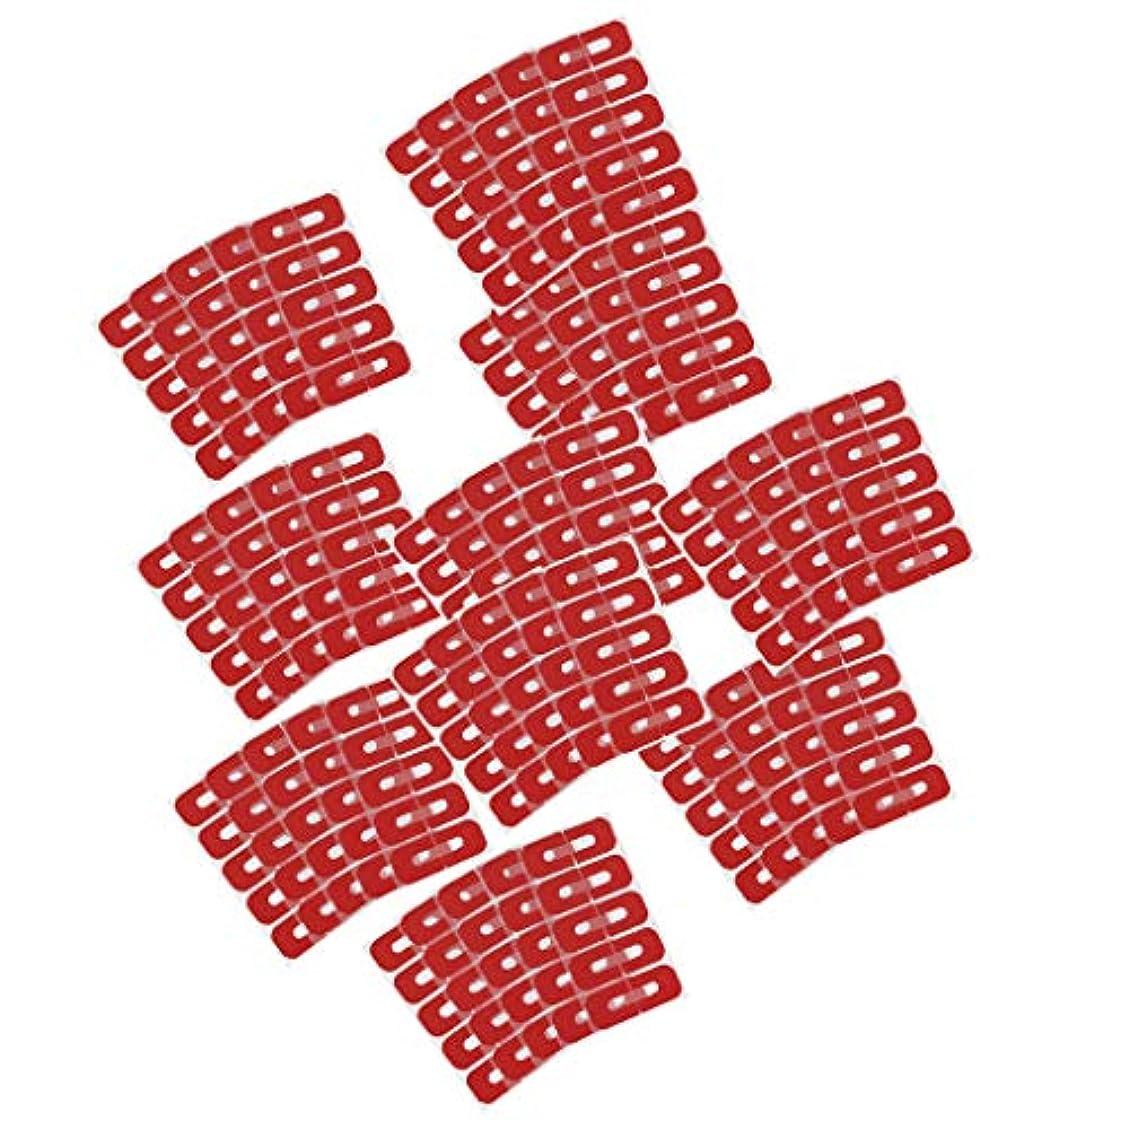 懇願するオークションフェデレーション50個剥離テープネイルアート流出防止スキンバリアポリッシュプロテクターカバー